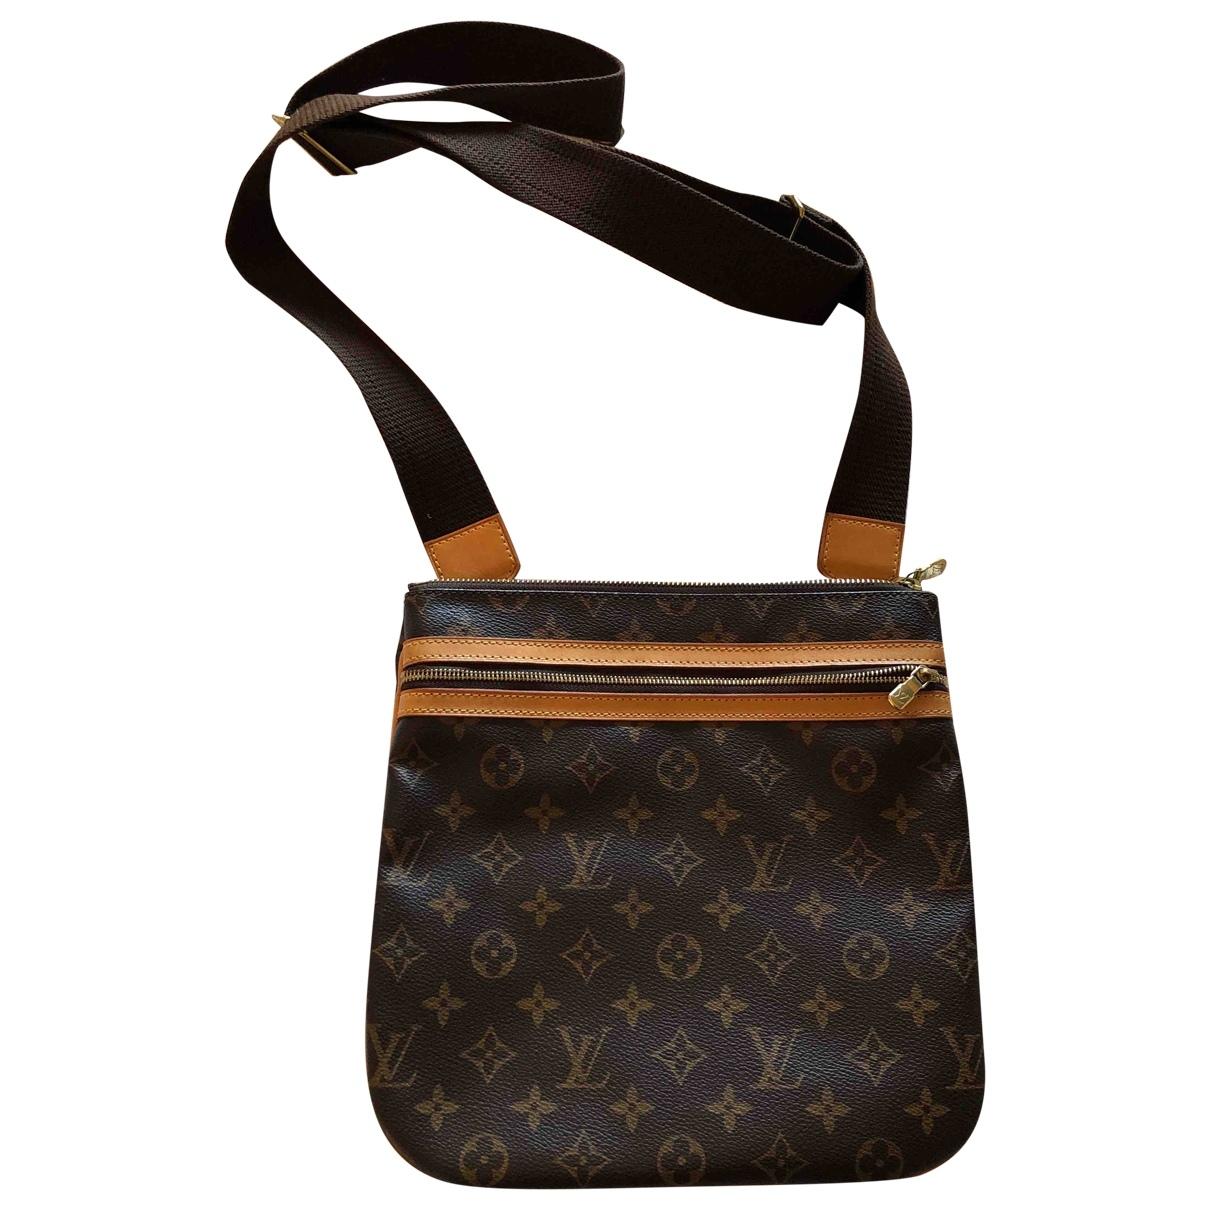 Louis Vuitton - Sac Bosphore pour homme en toile - marron